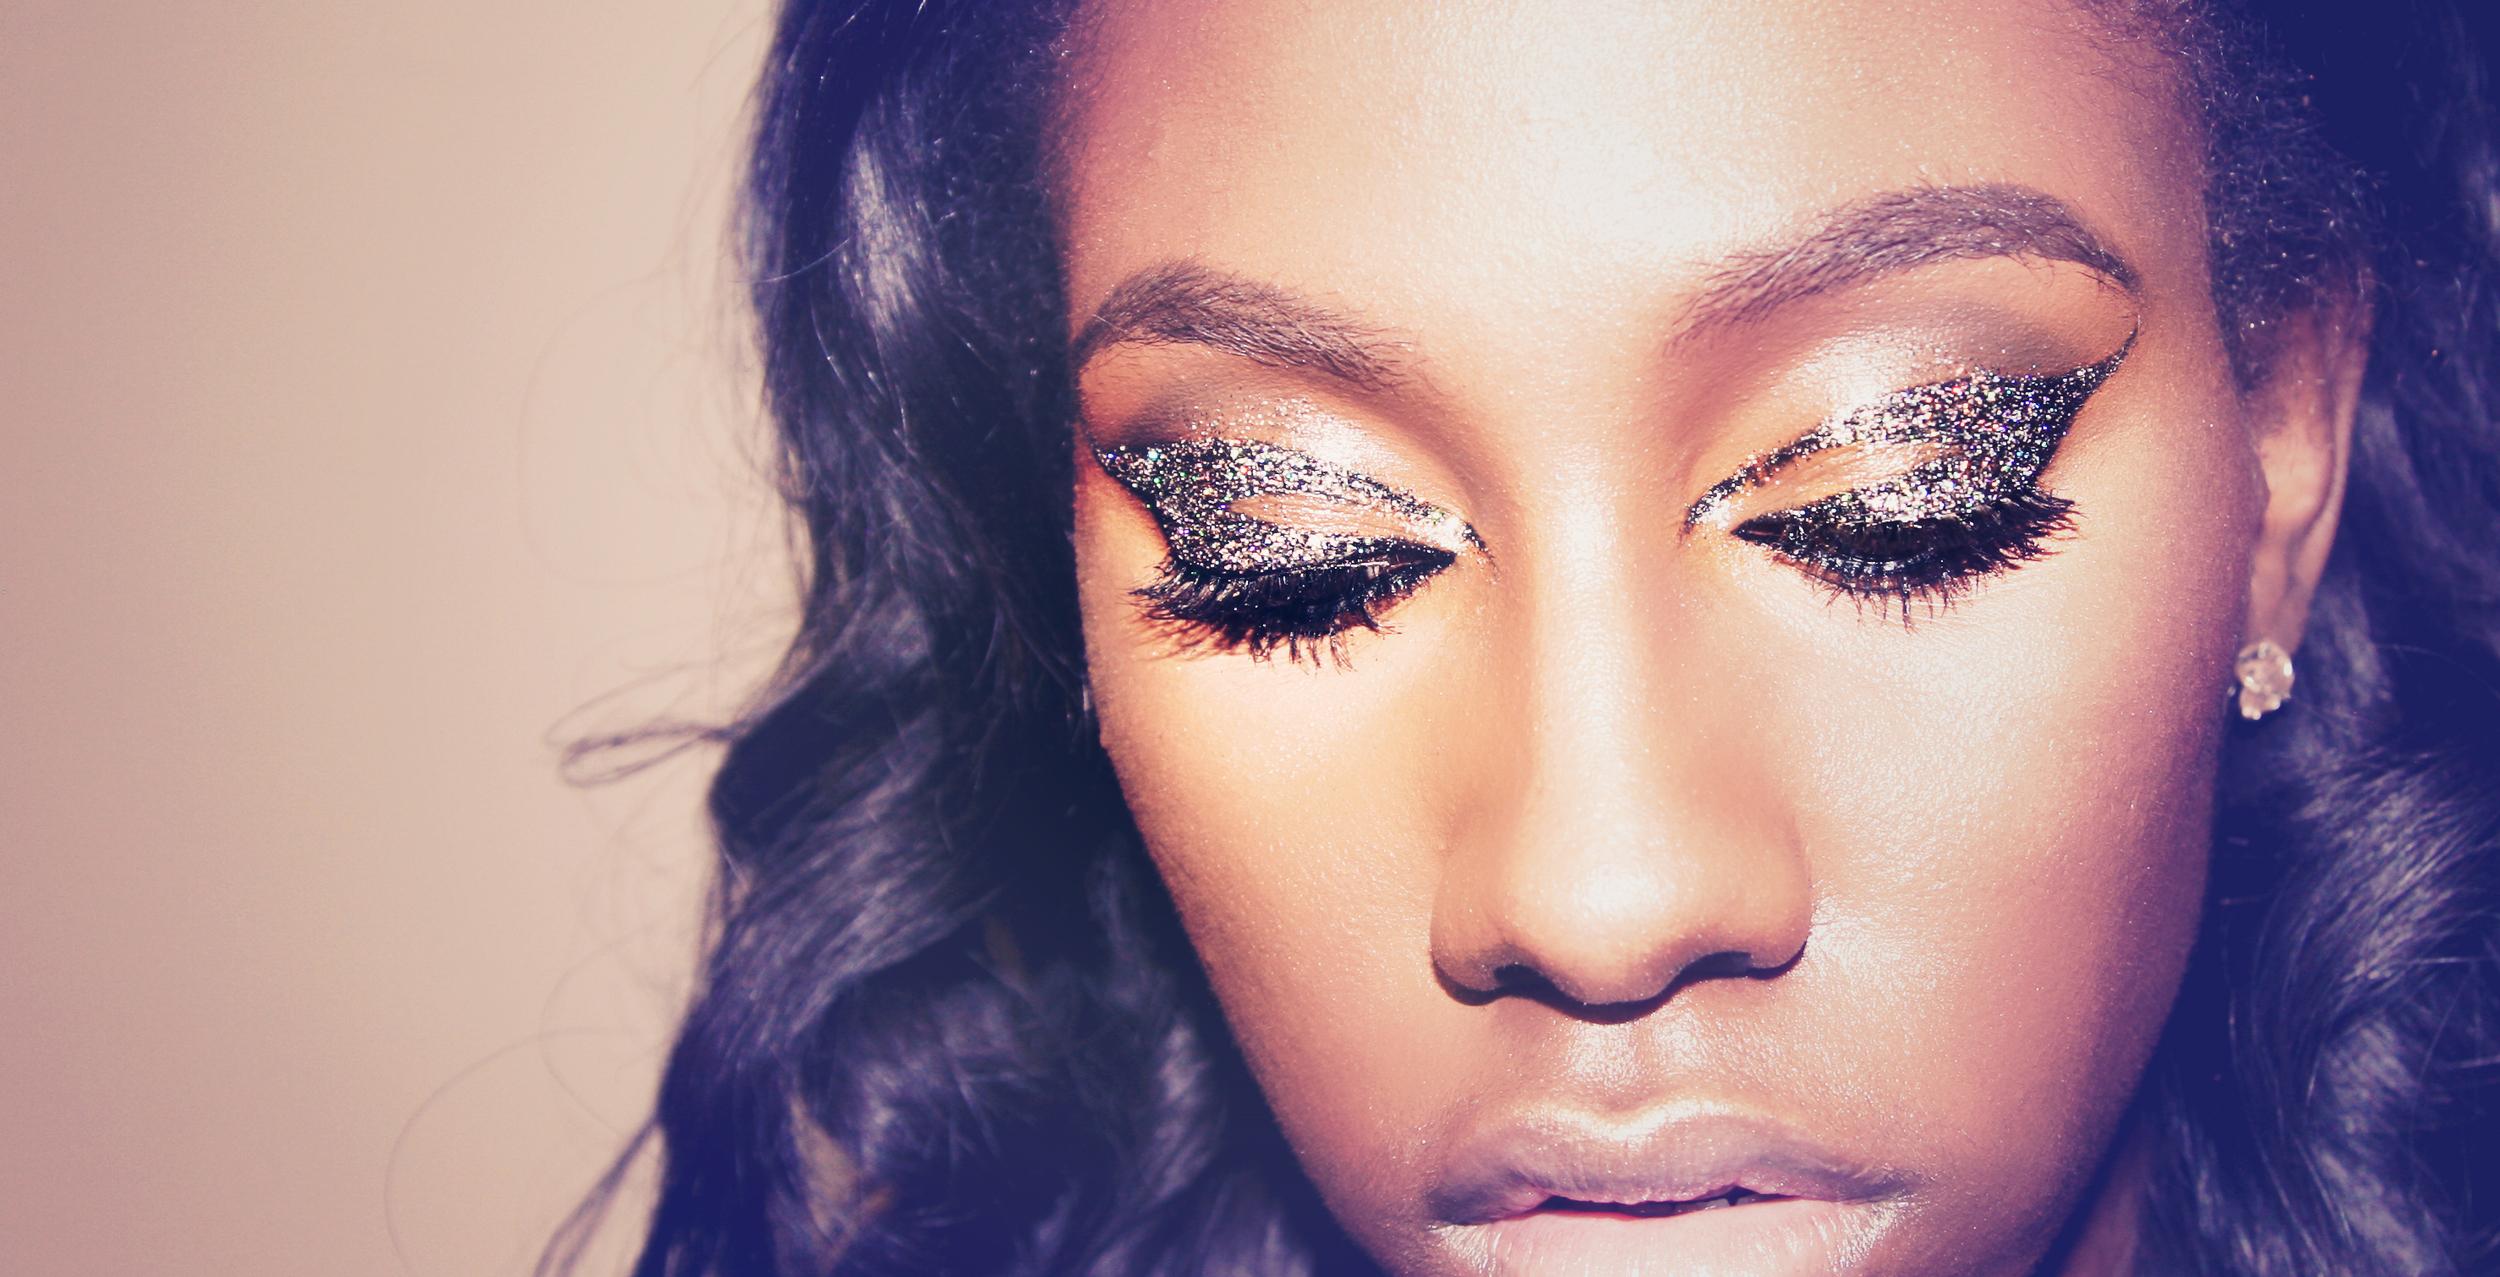 Fashion Makeup | Photo Shoots | Tymia Yvette